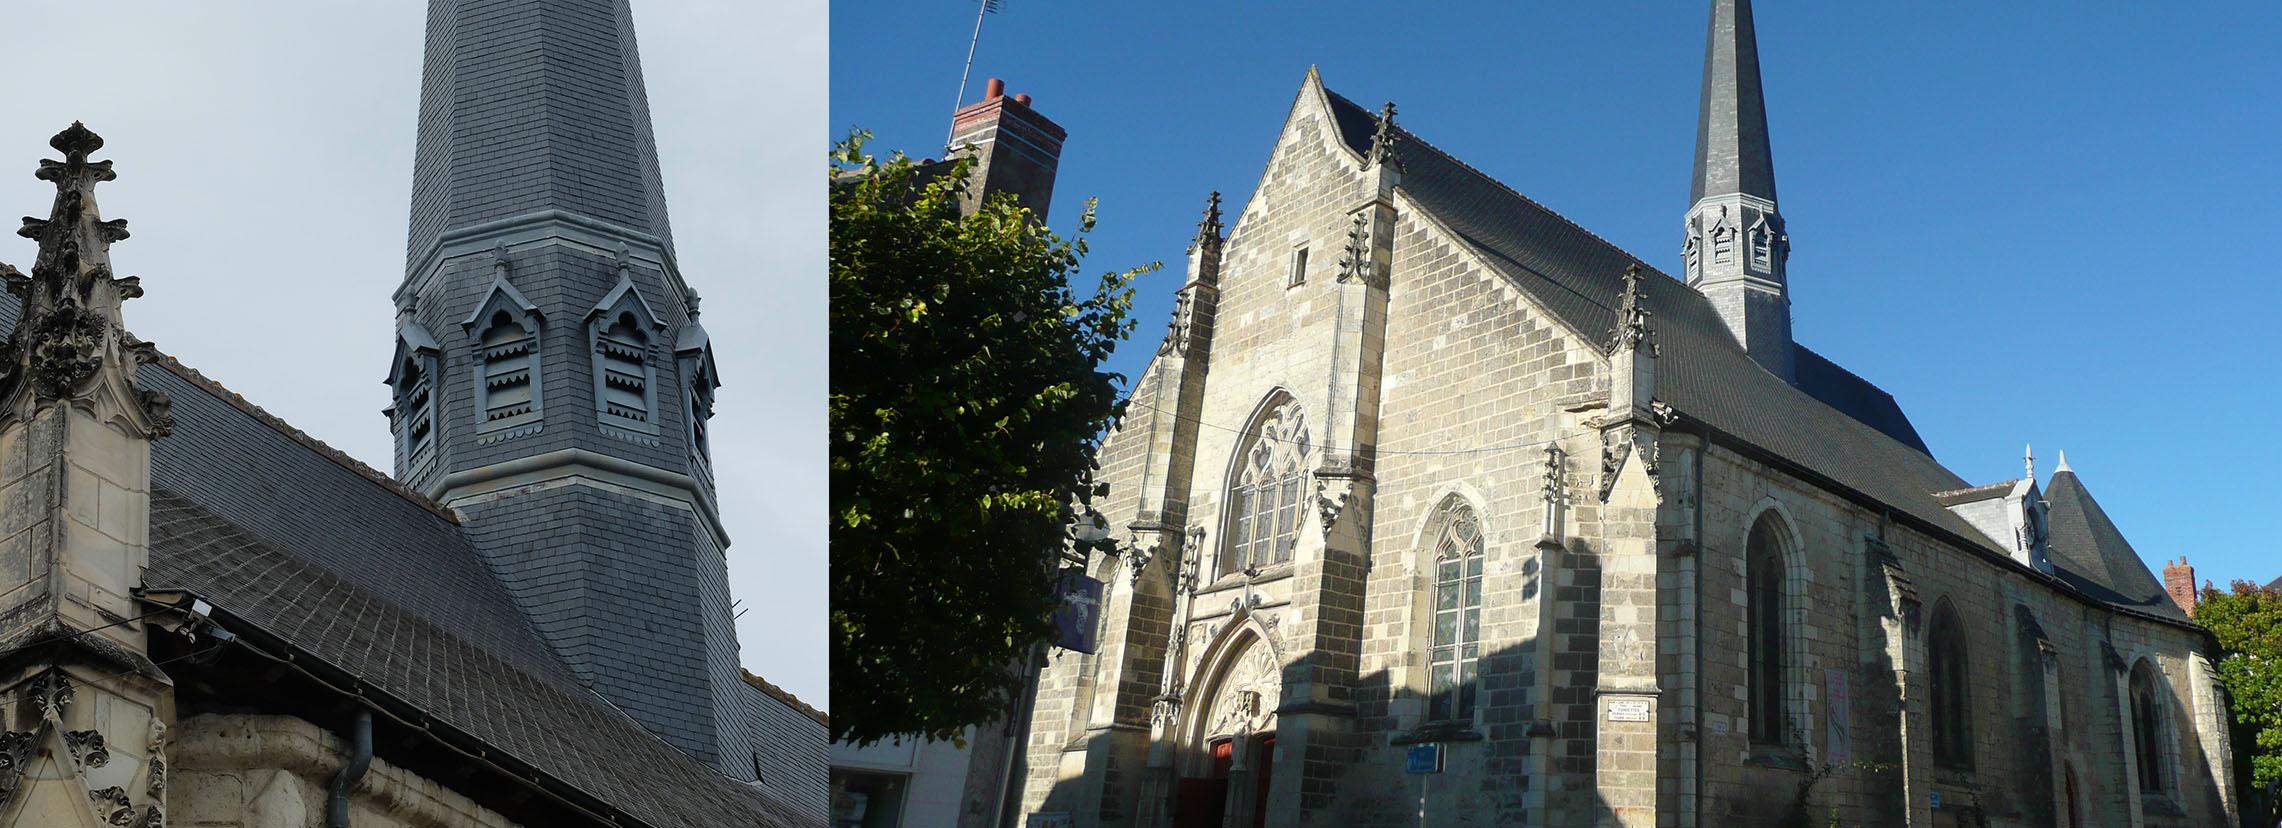 l'église Saint-Symphorien de Fondettes